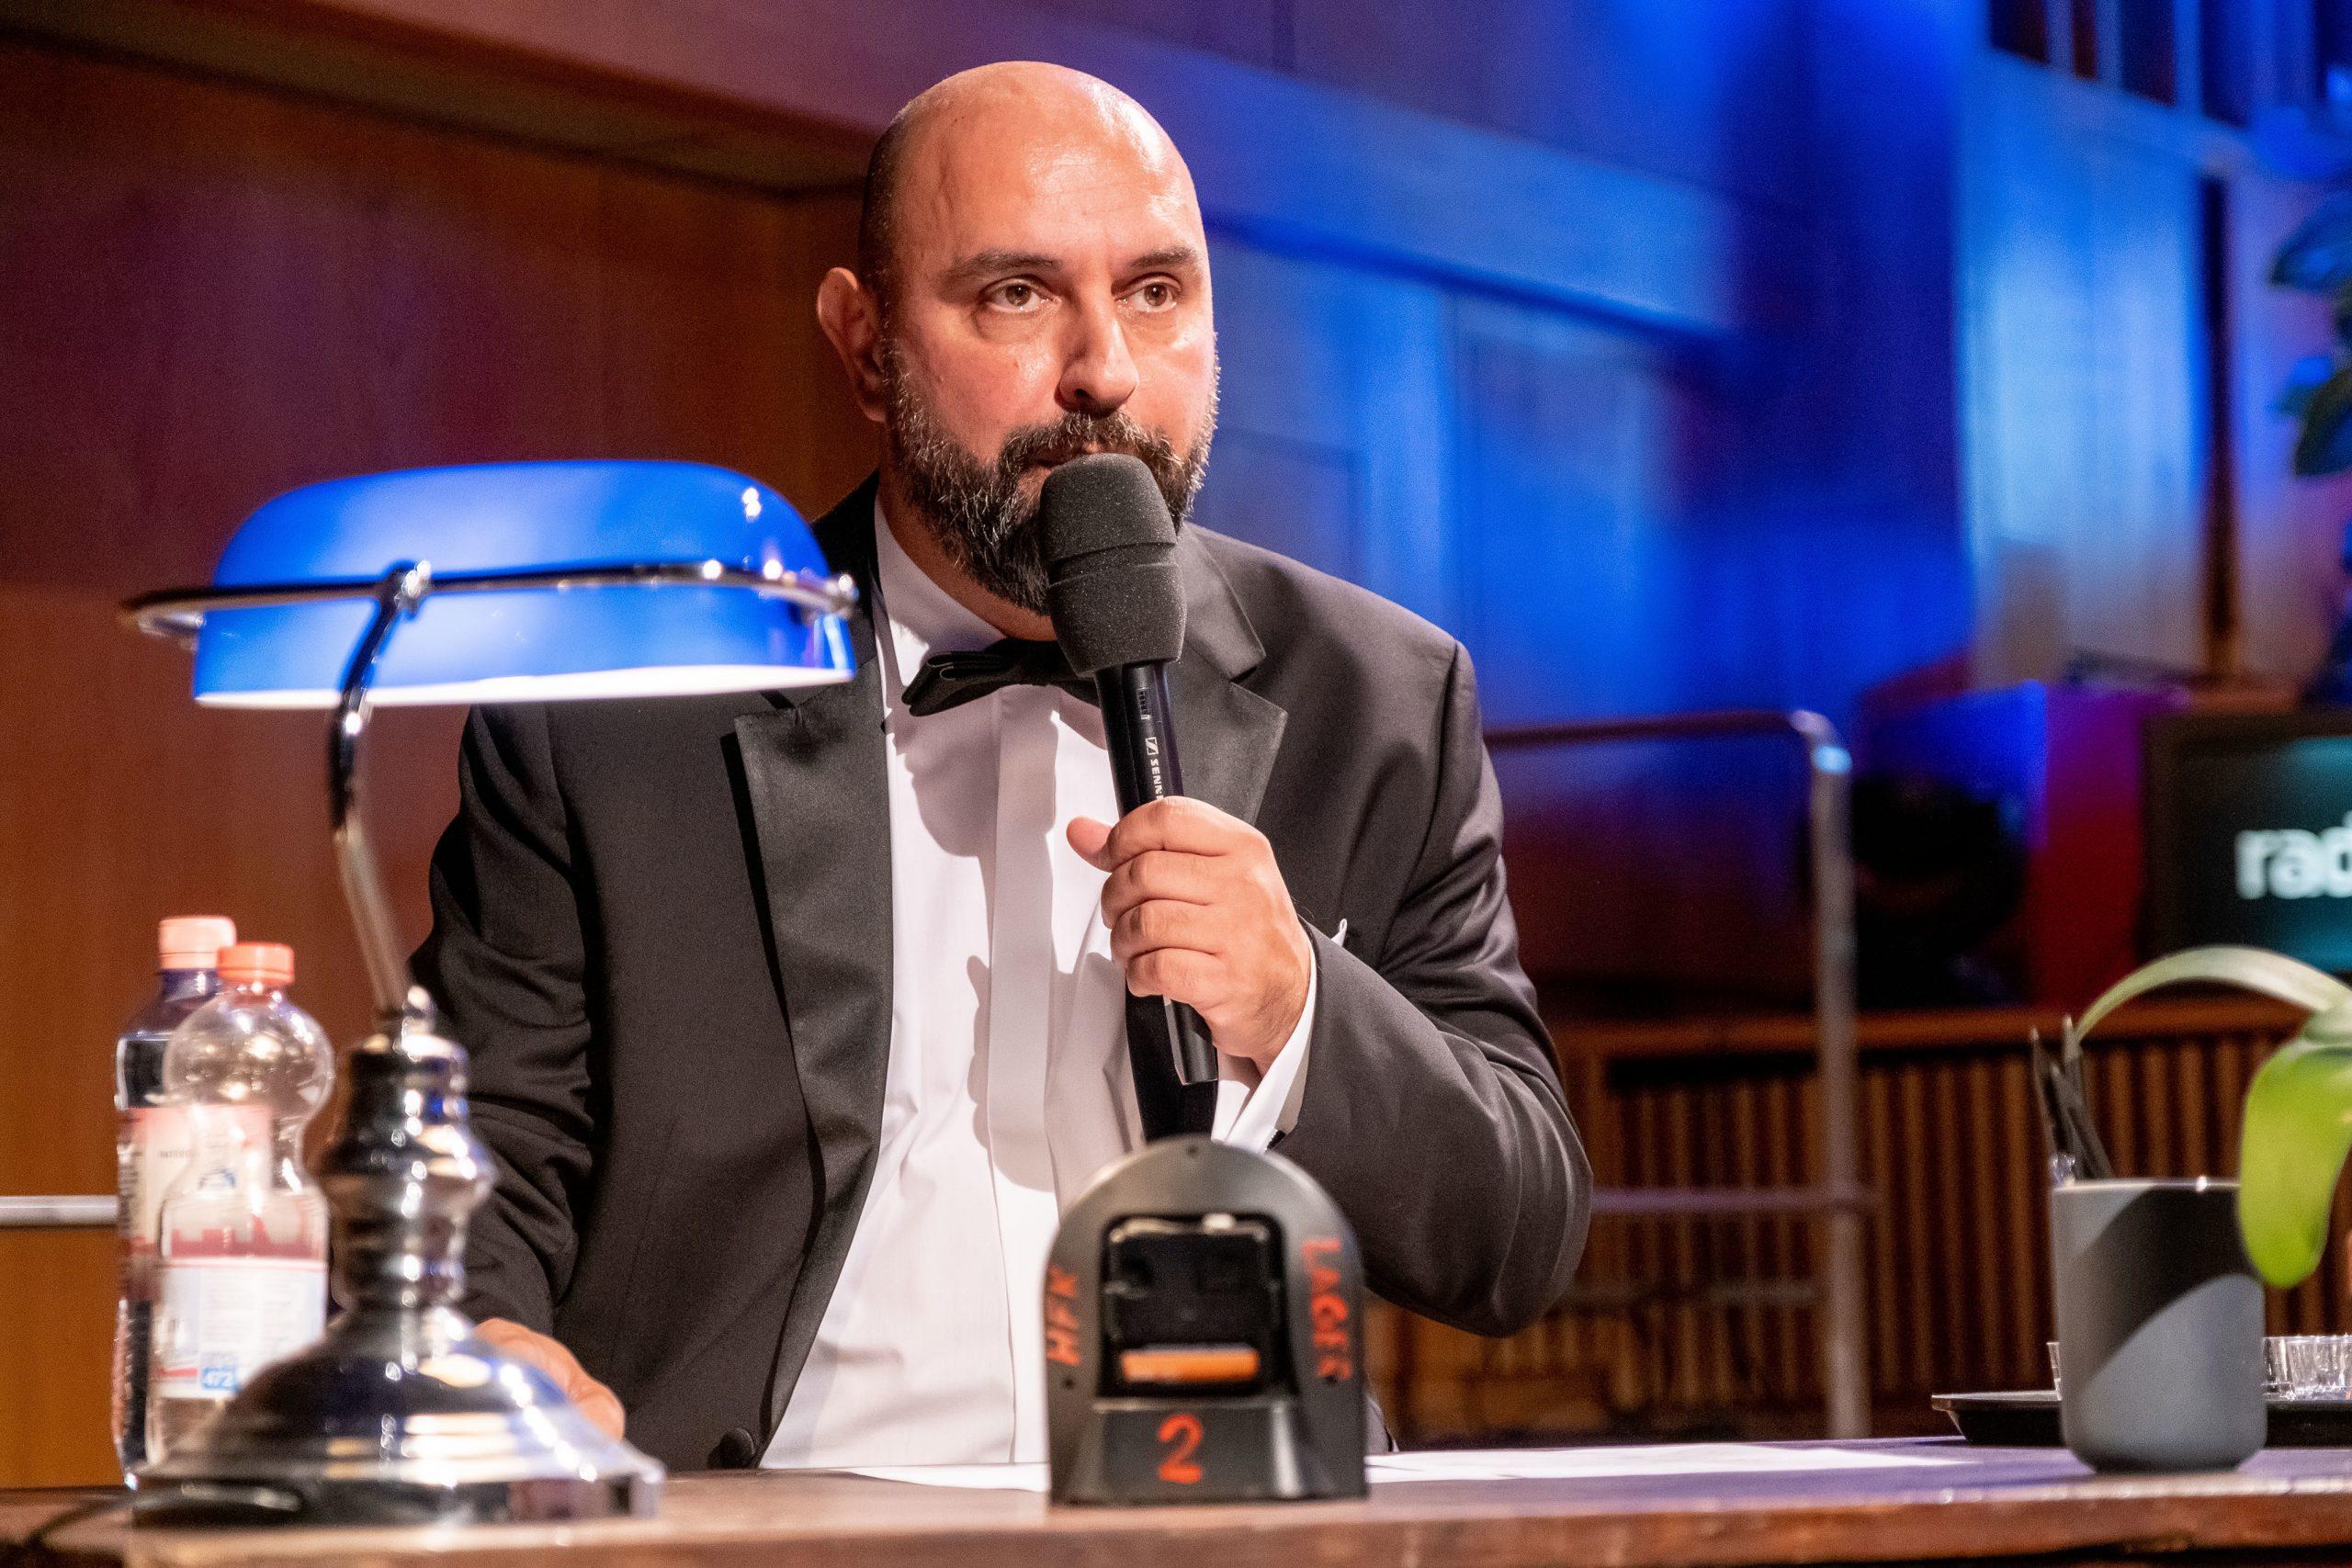 Der Komiker Serdar Somuncu während eines Auftritts (Archivbild) Foto: picture alliance/Fotostand